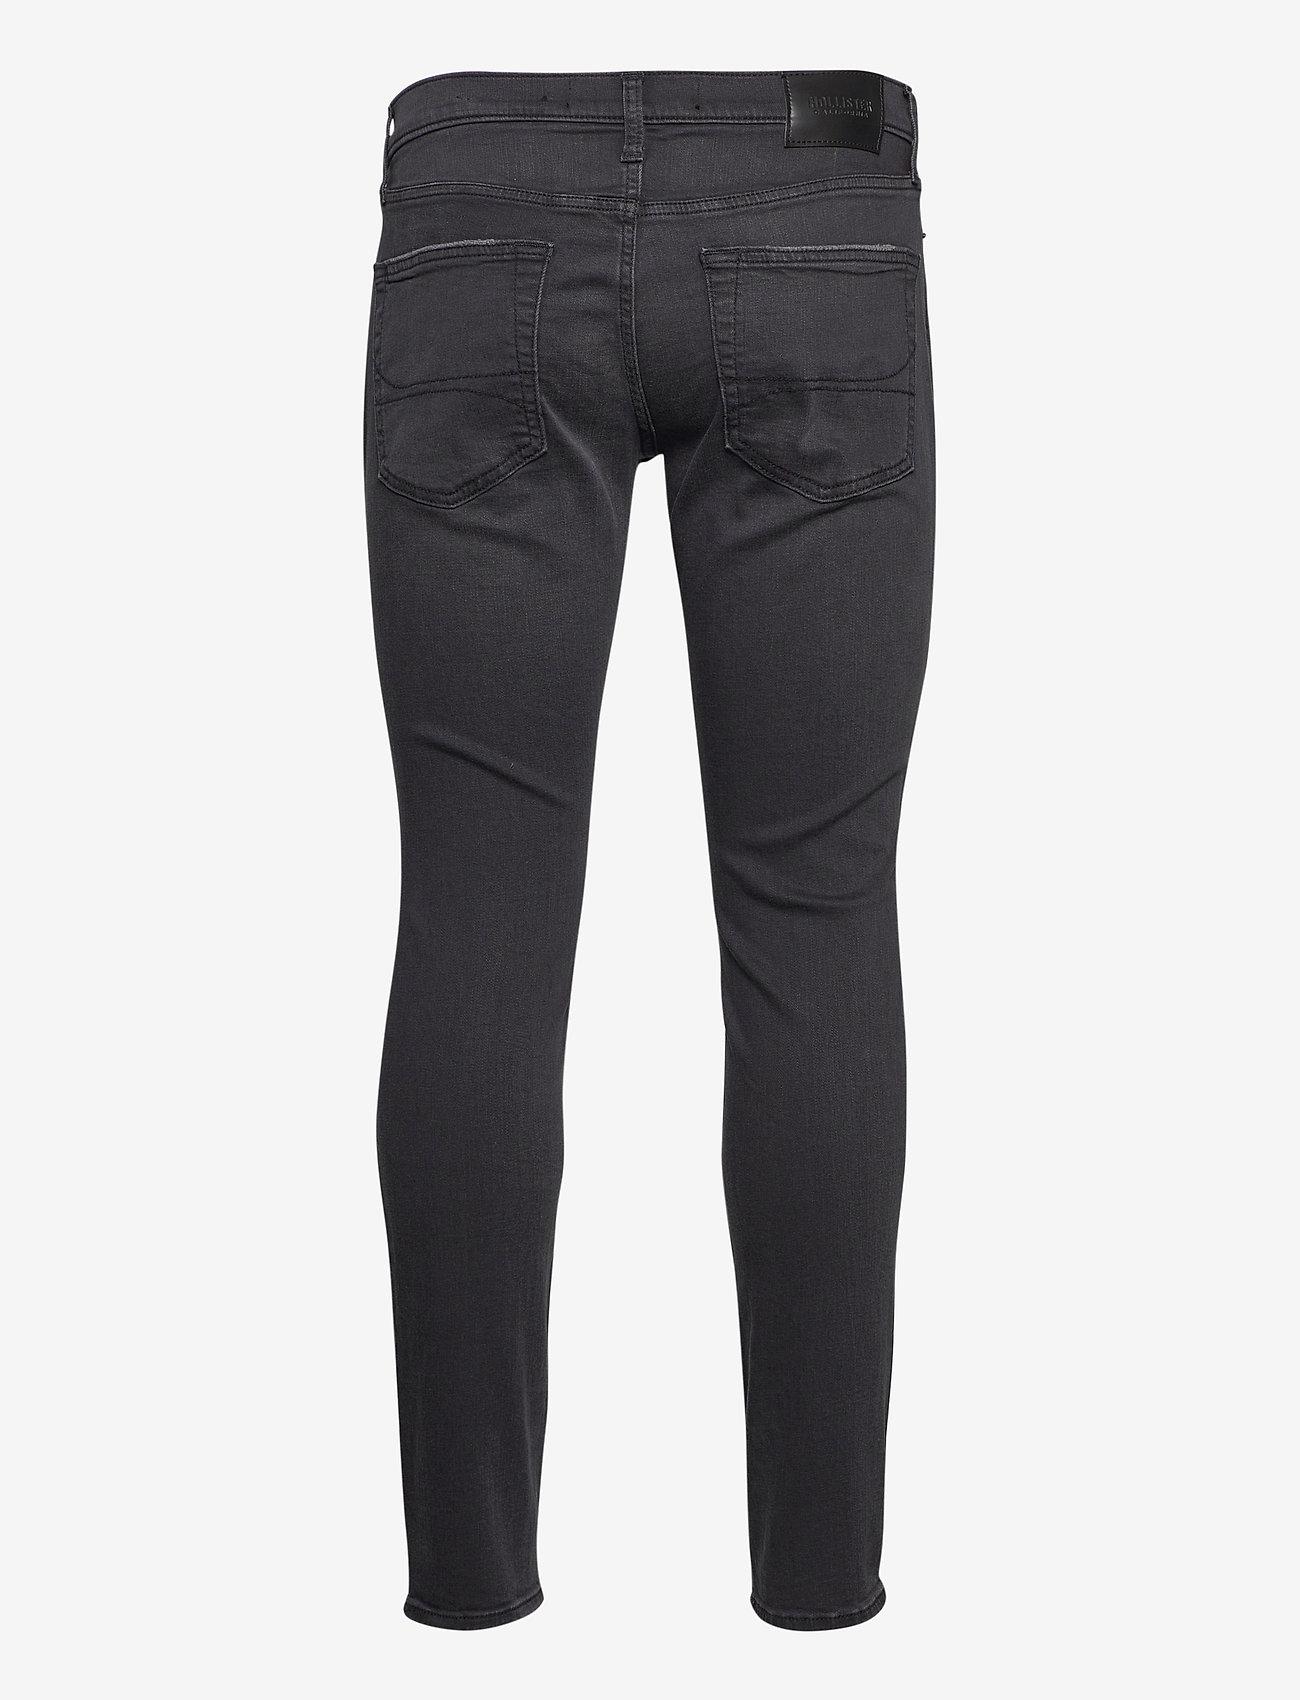 Hollister HCo. GUYS JEANS - Jeans WASHED BLACK DESTROY - Menn Klær